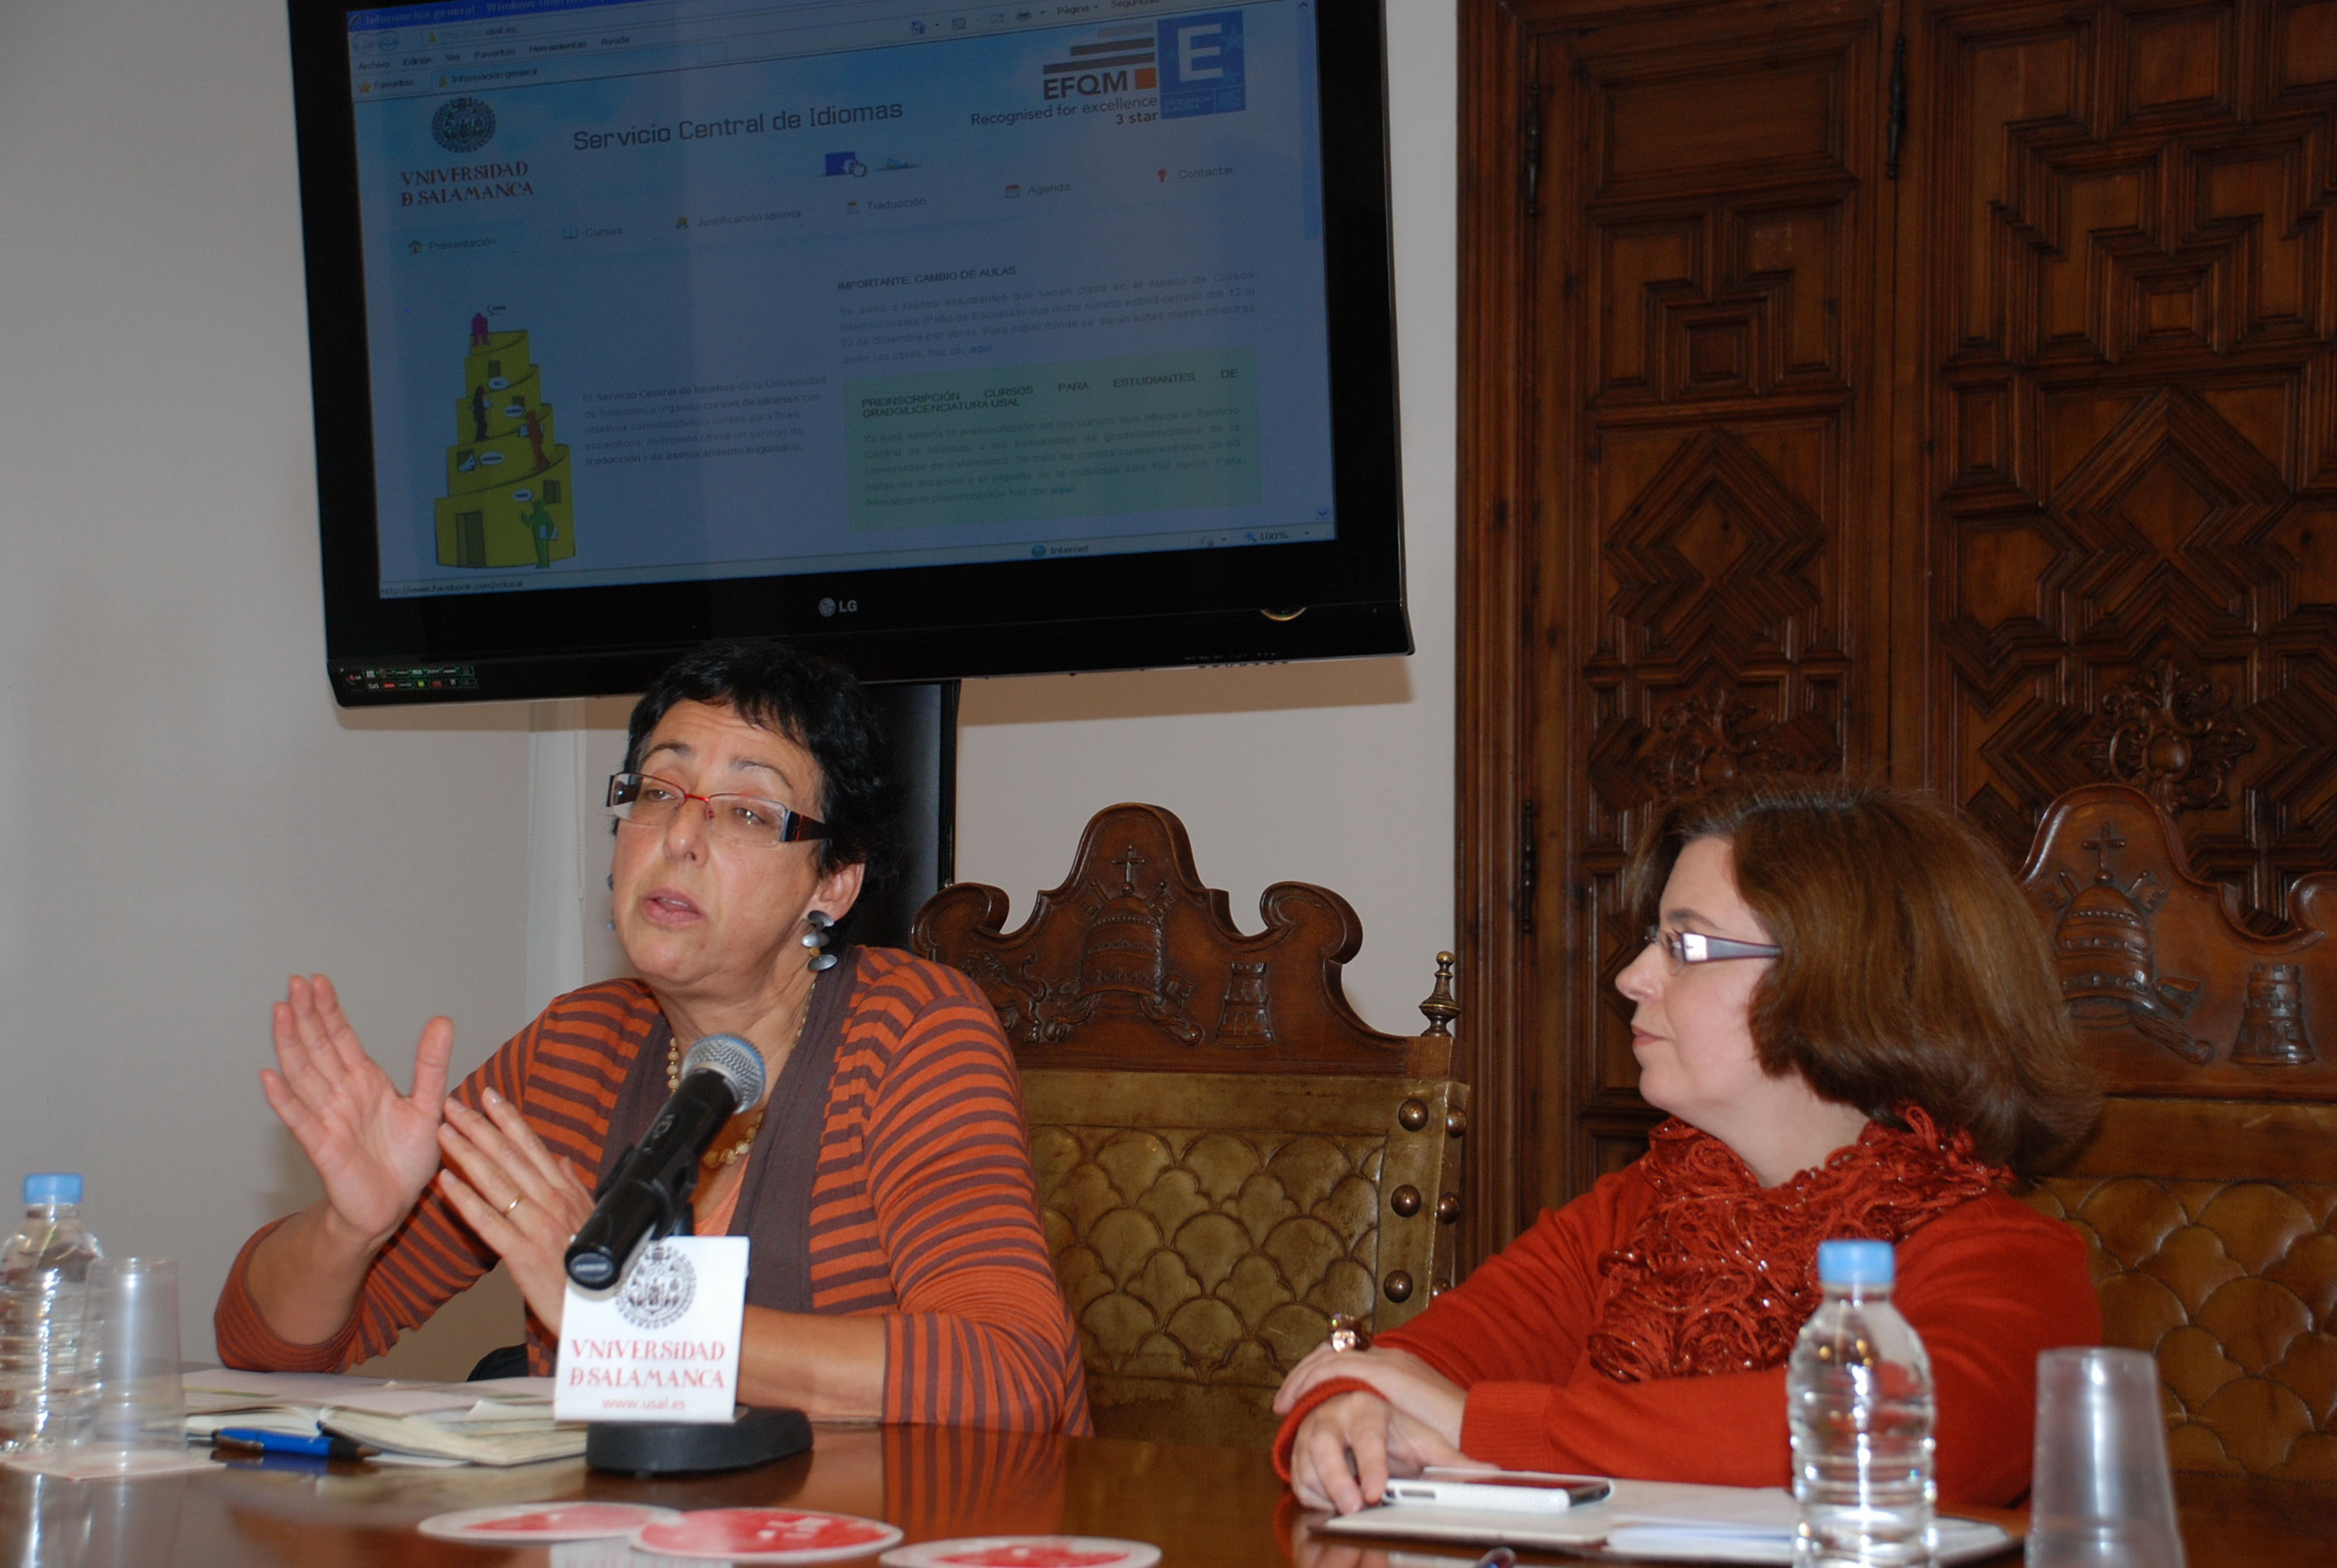 El Servicio Central de Idiomas presenta sus novedades